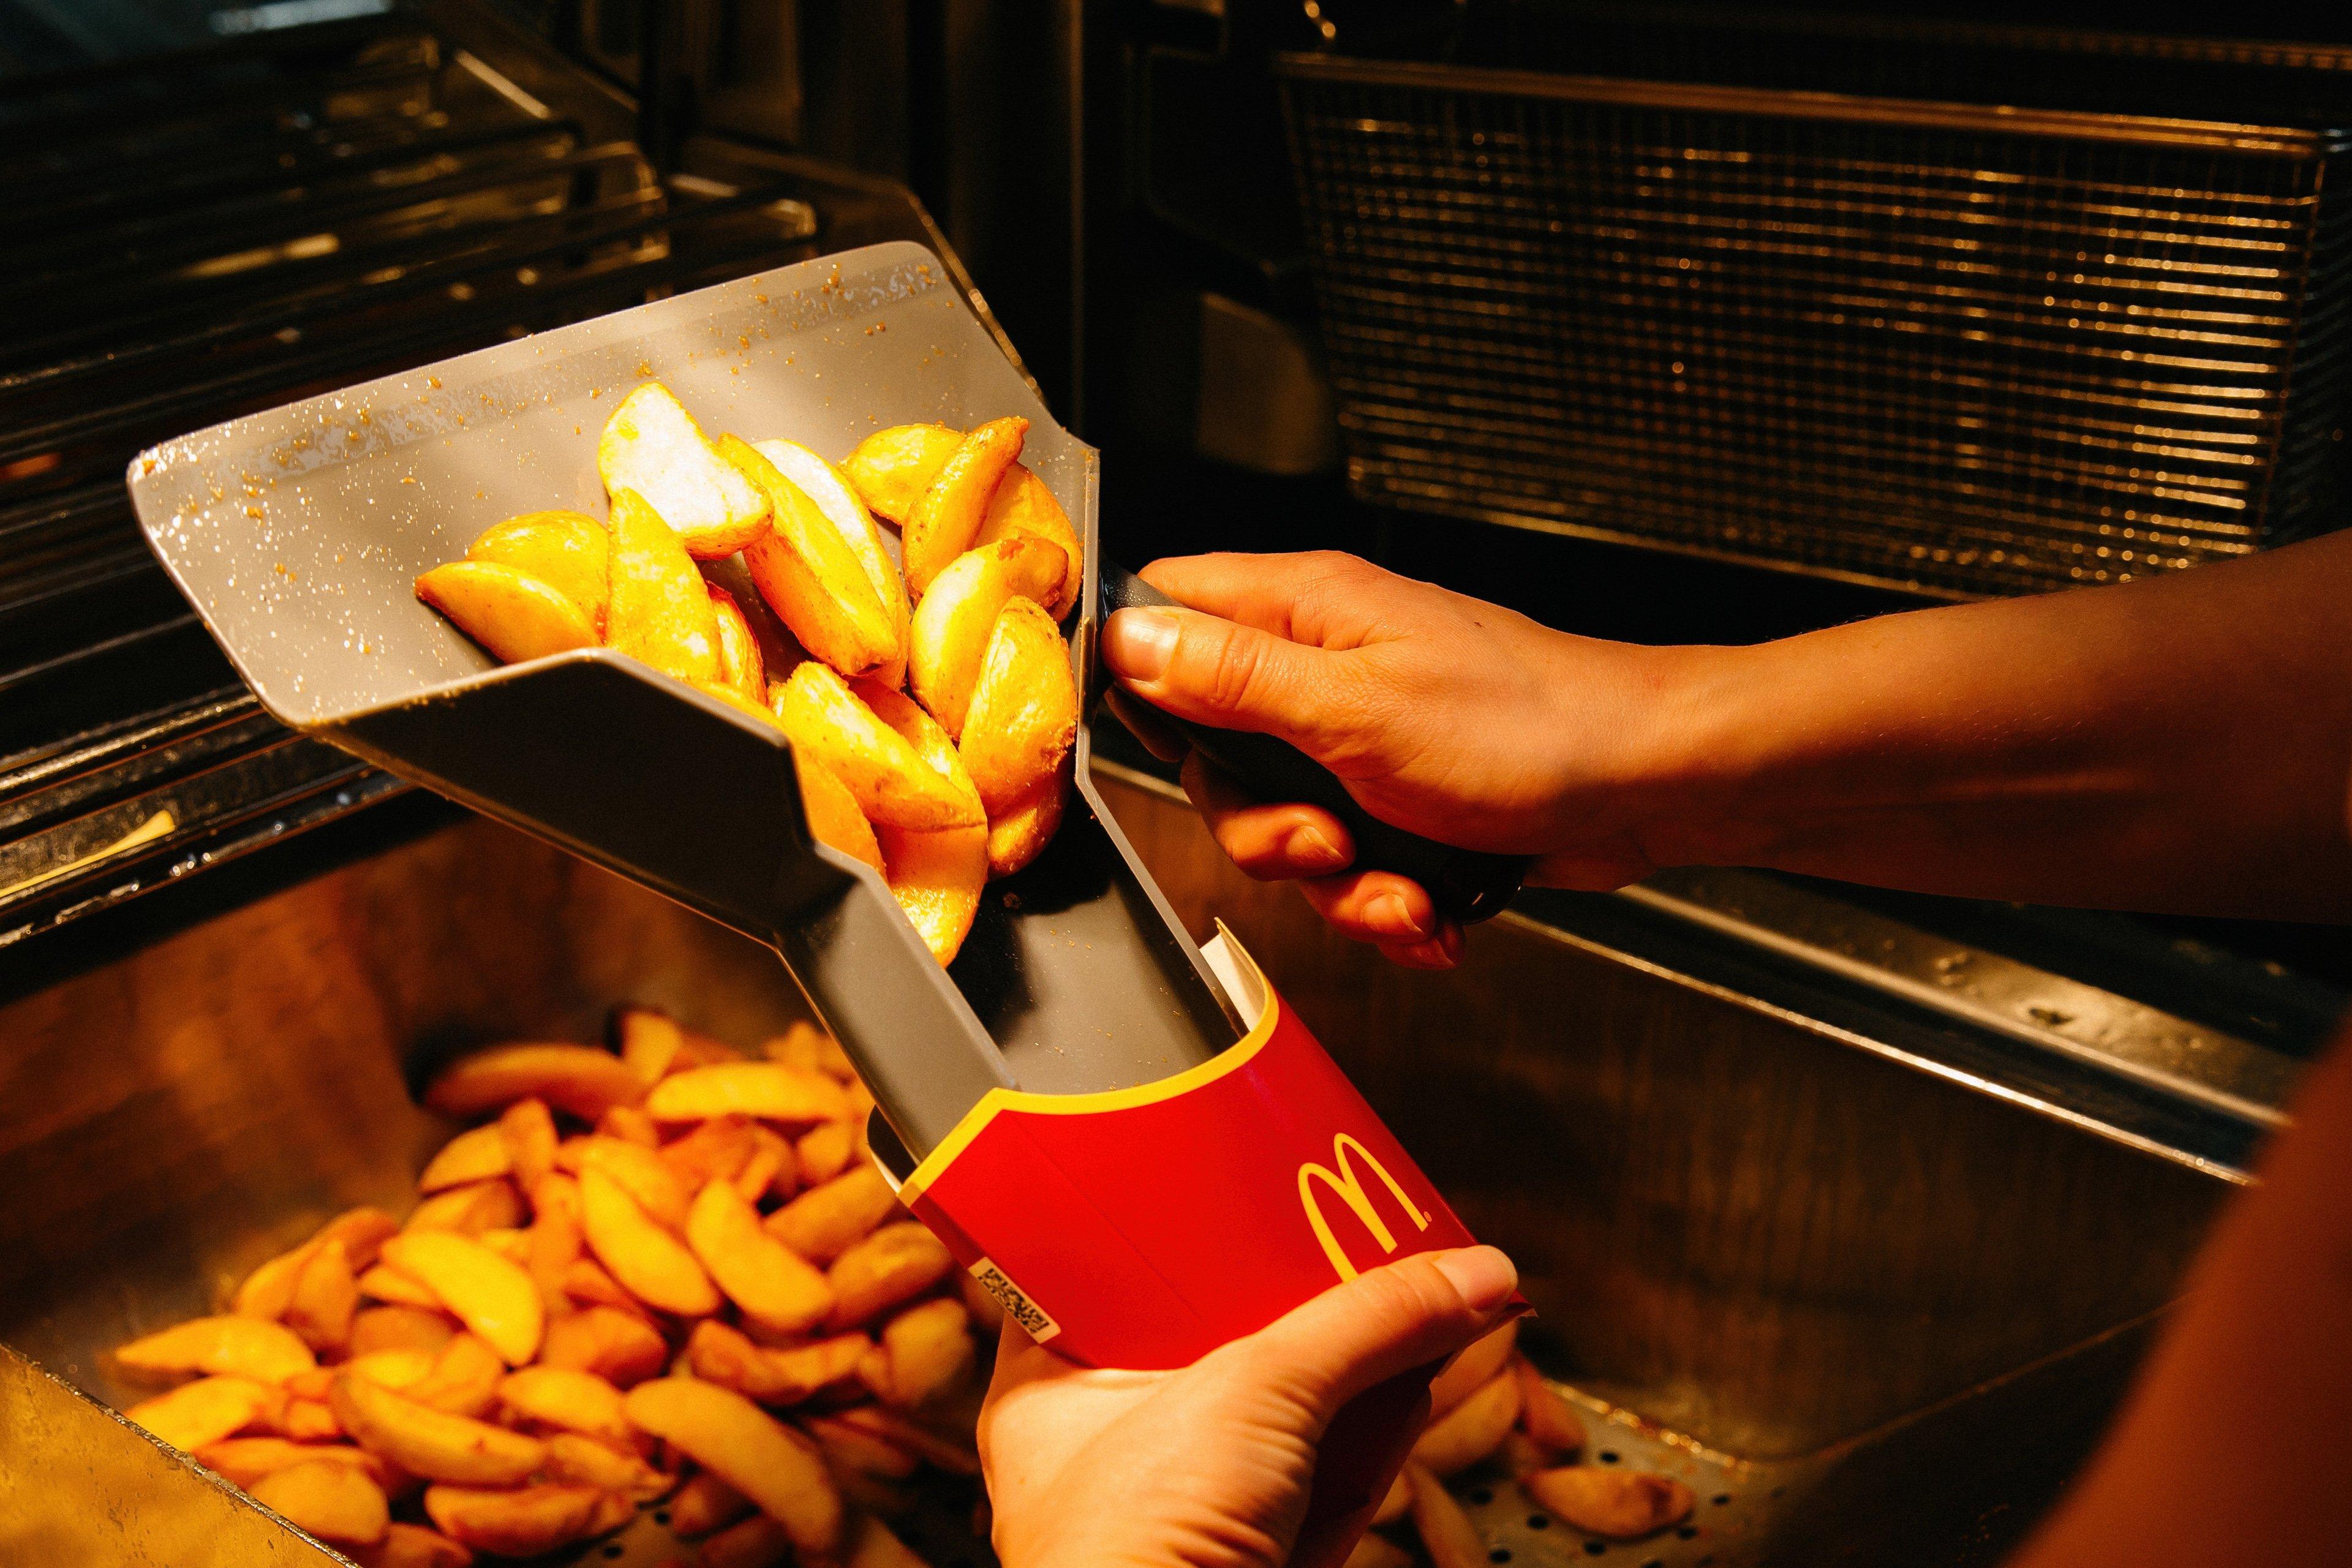 МакДональдс в Гомеле